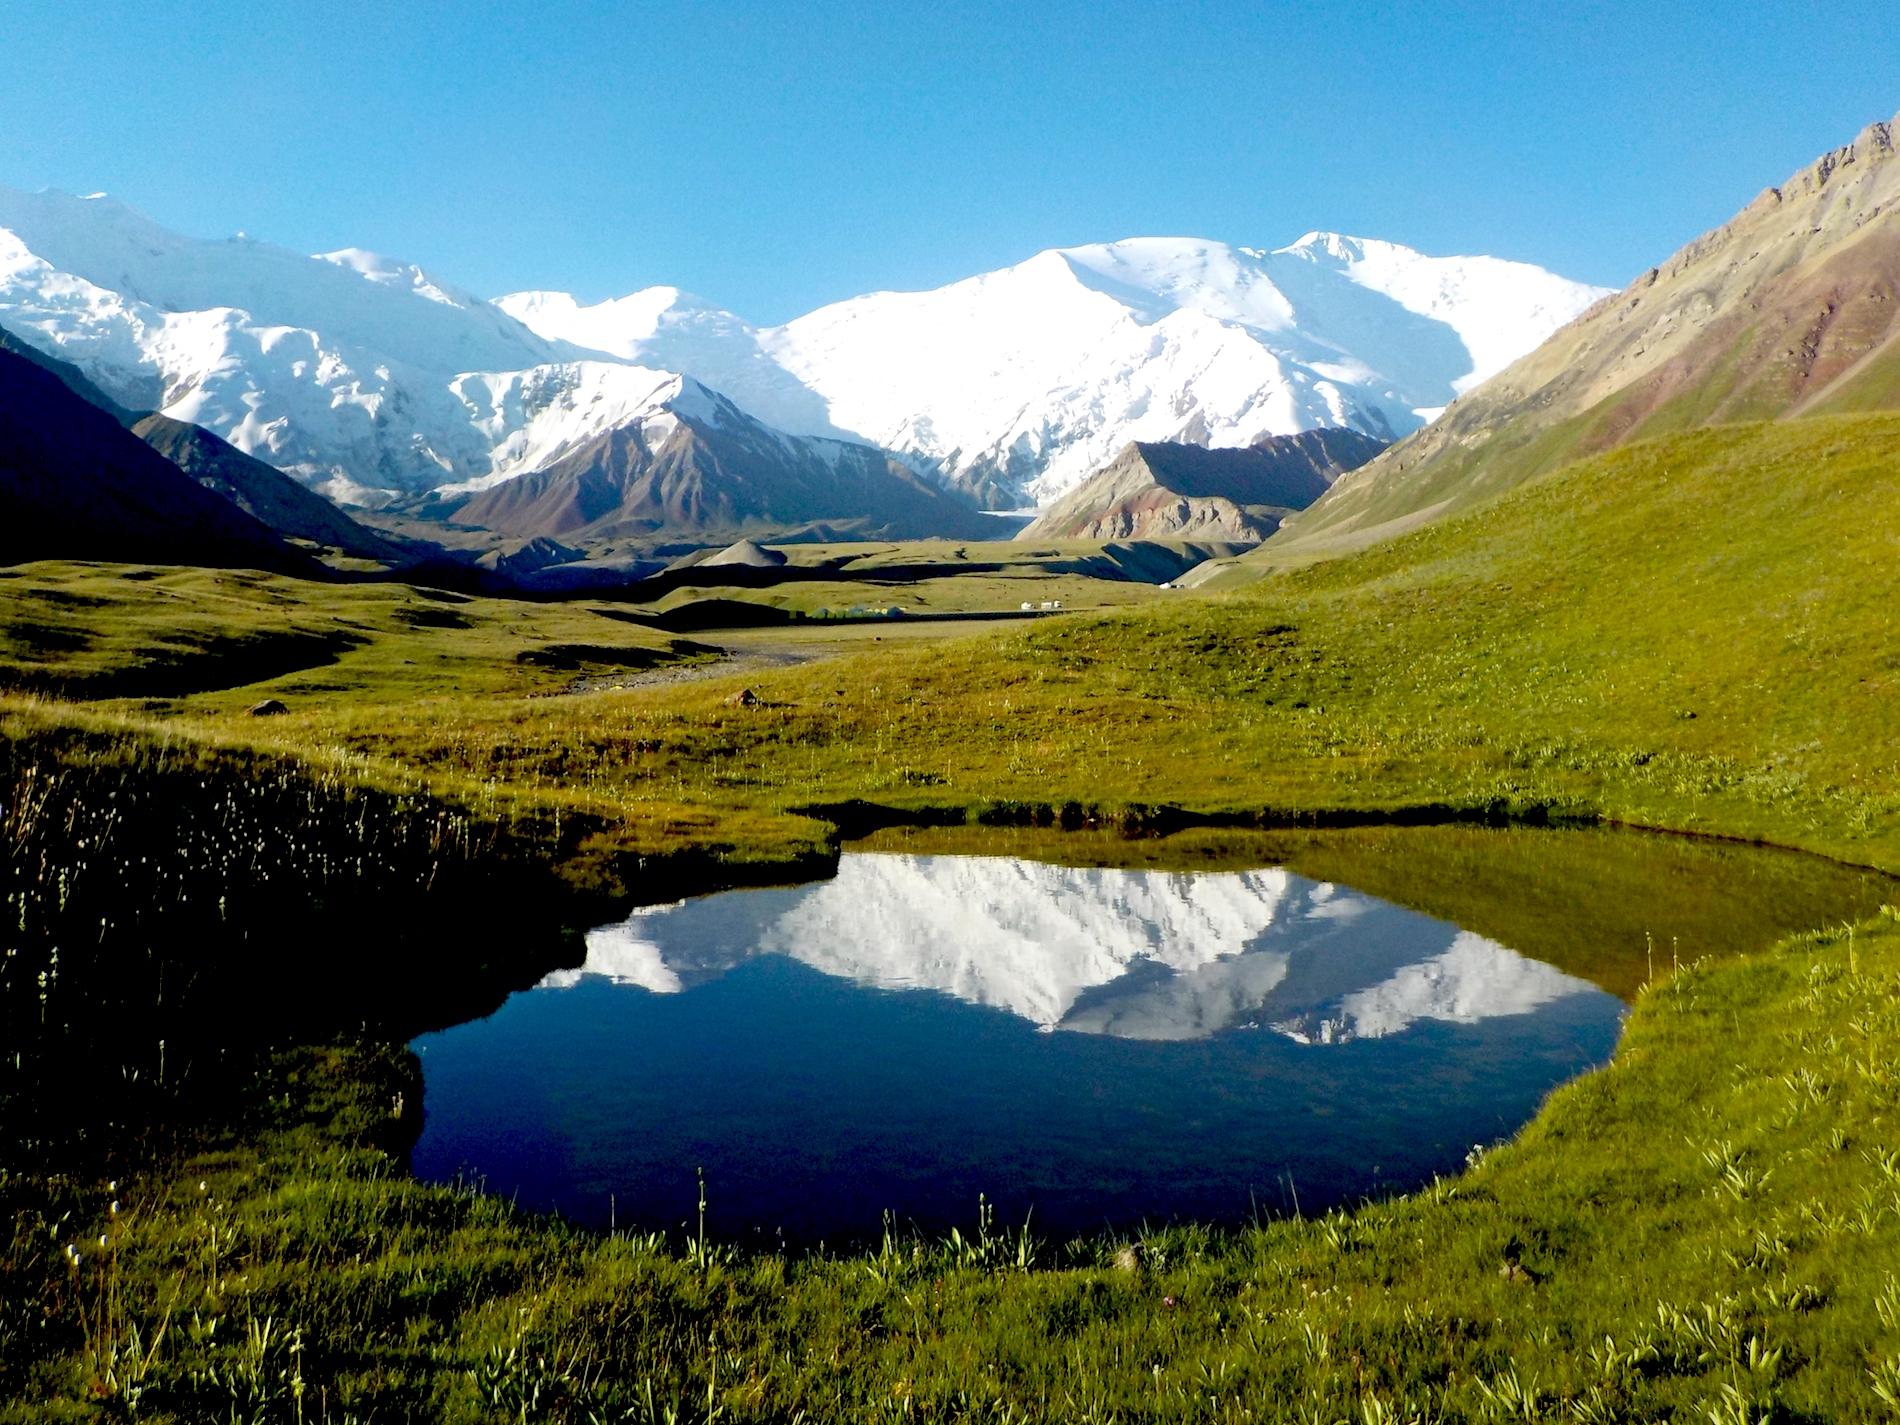 View of Lenin Peak